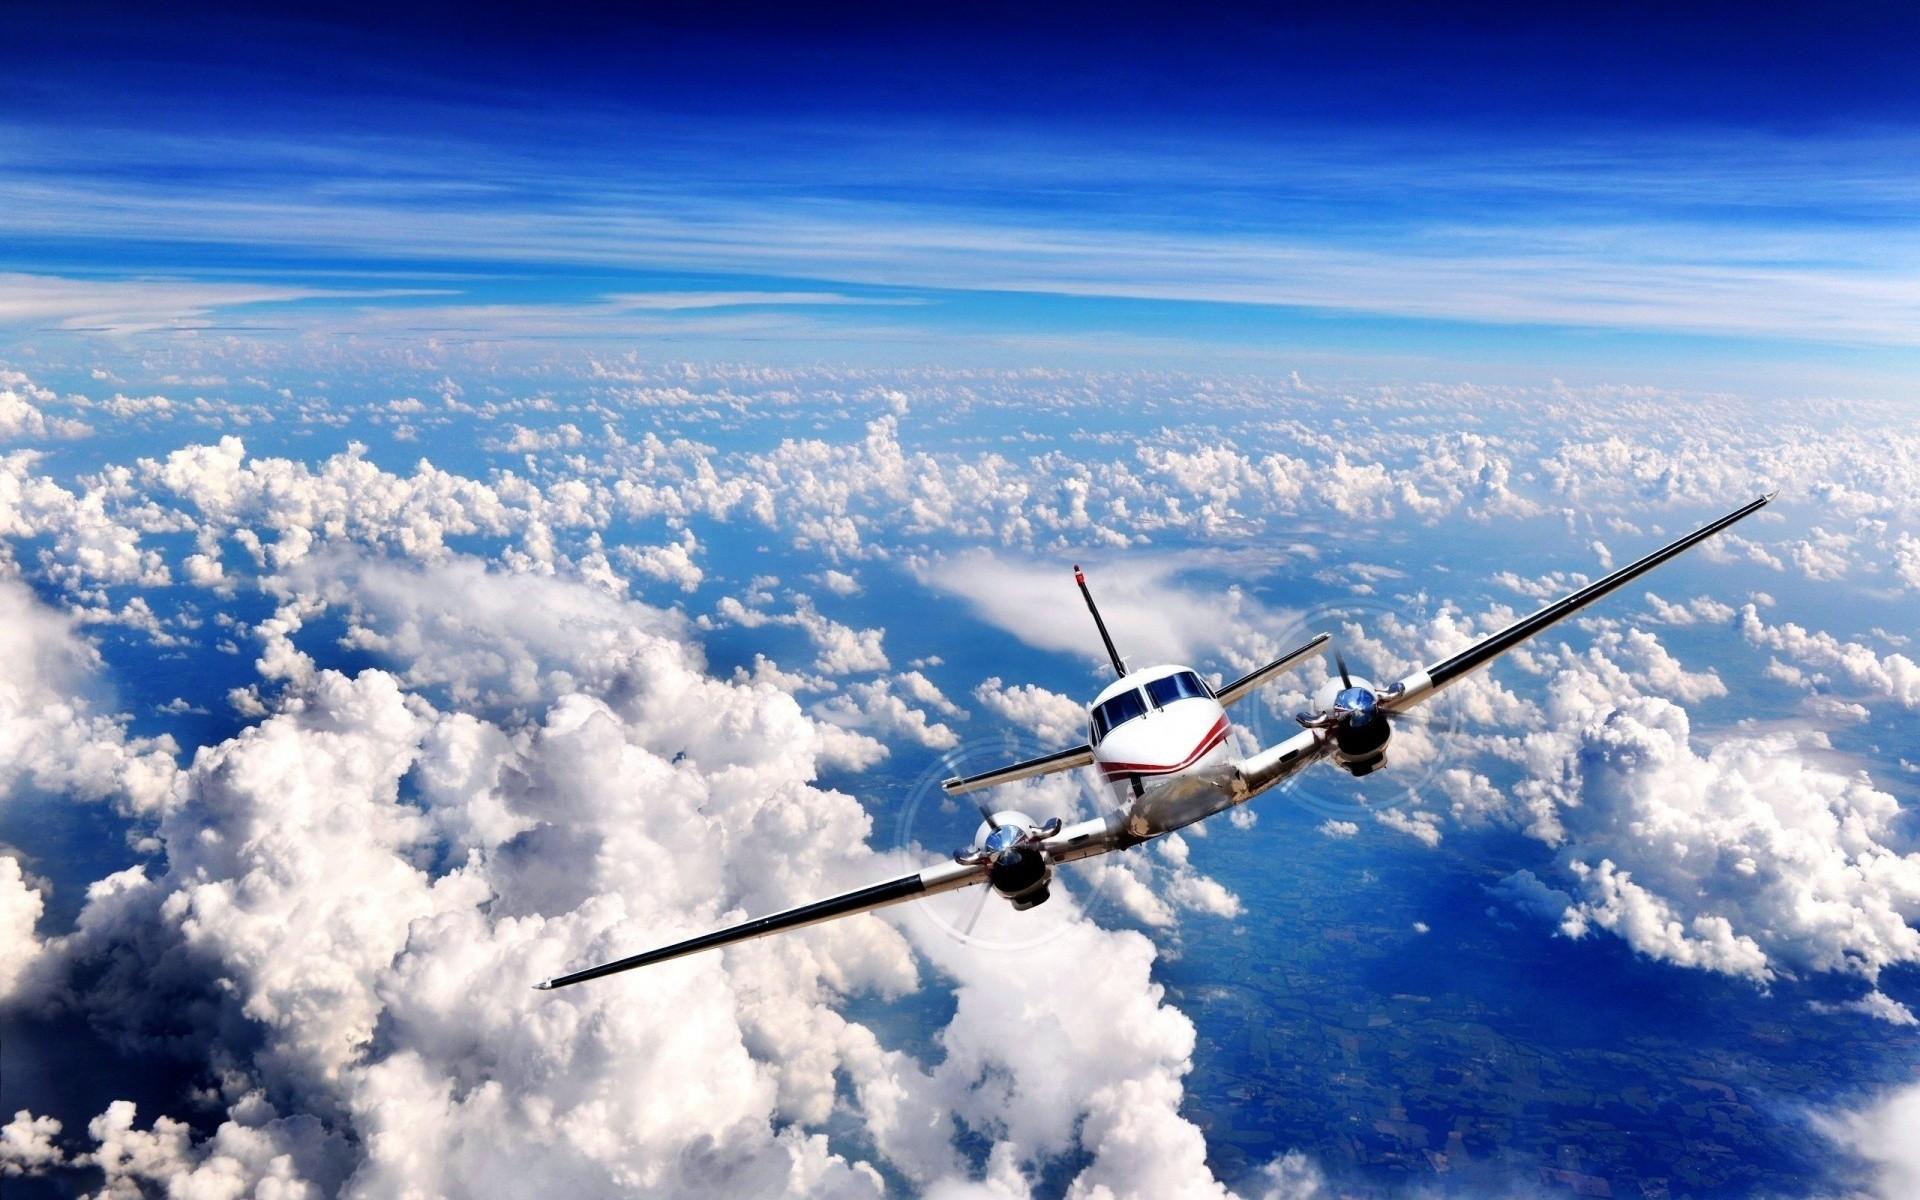 Туристы 10 часов немогут вылететь изДомодедово из-за поломки самолета